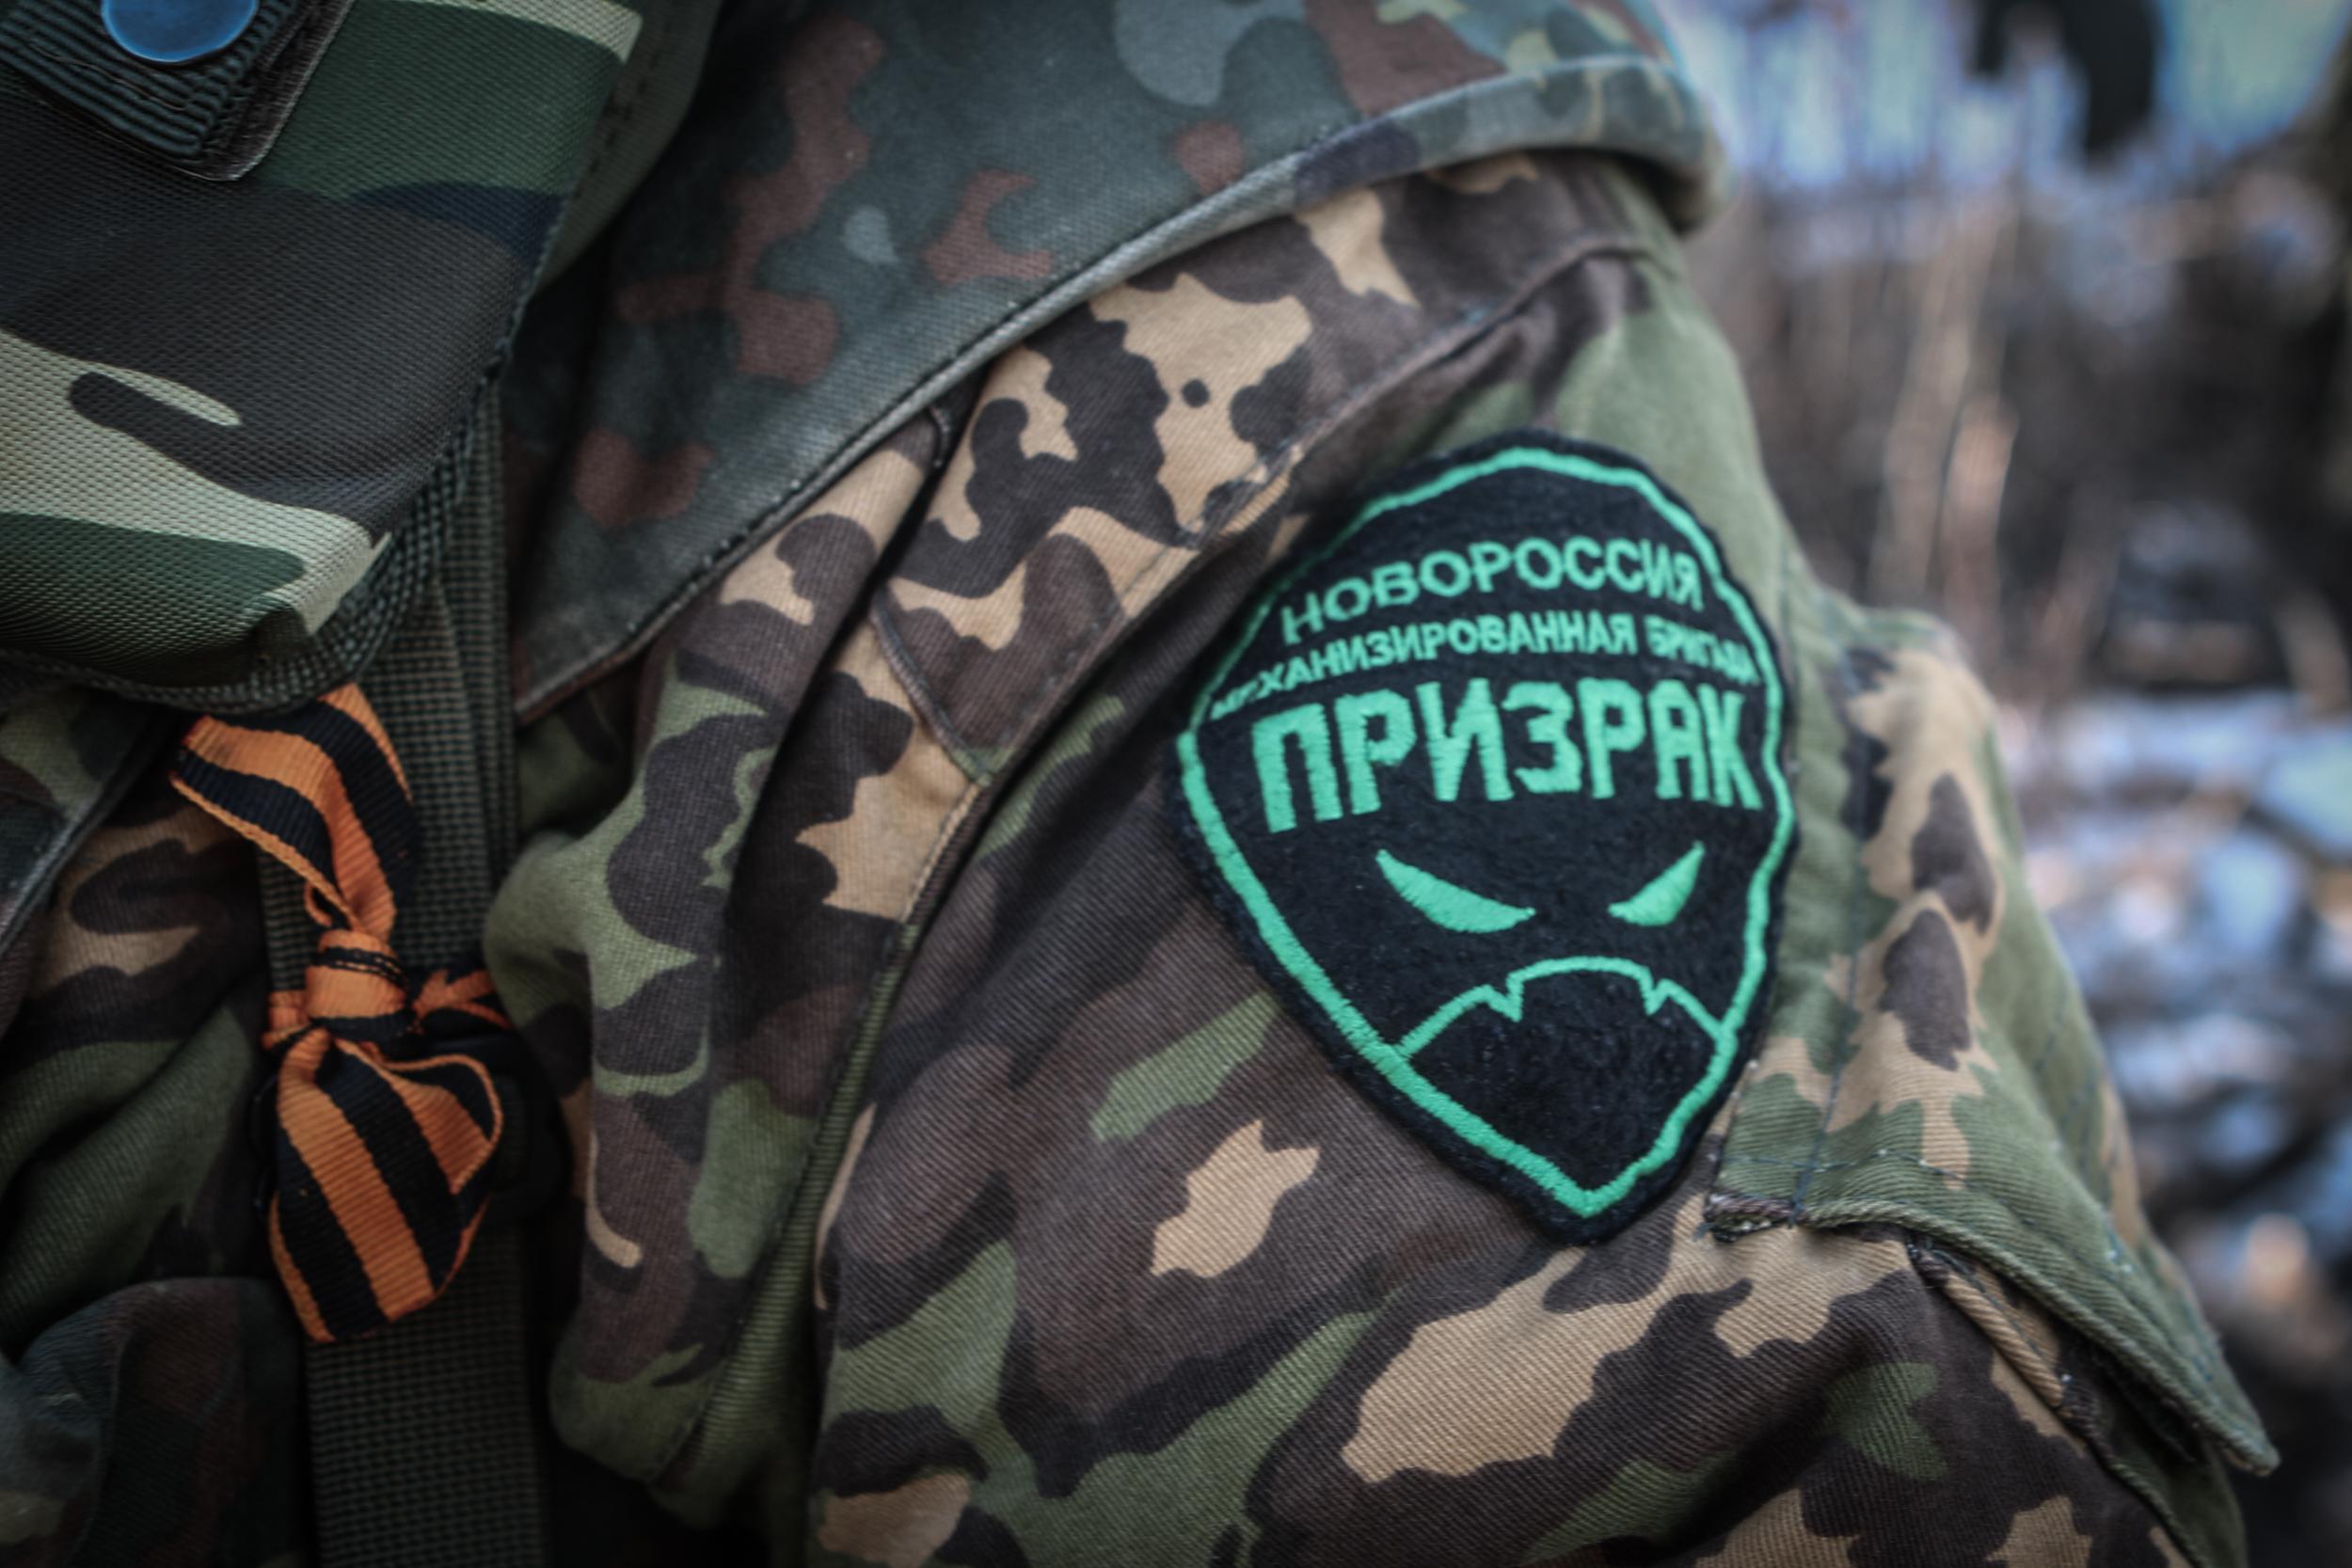 Комбат батальона «Призрак» НМ ЛНР: Спецгруппа ВСУ